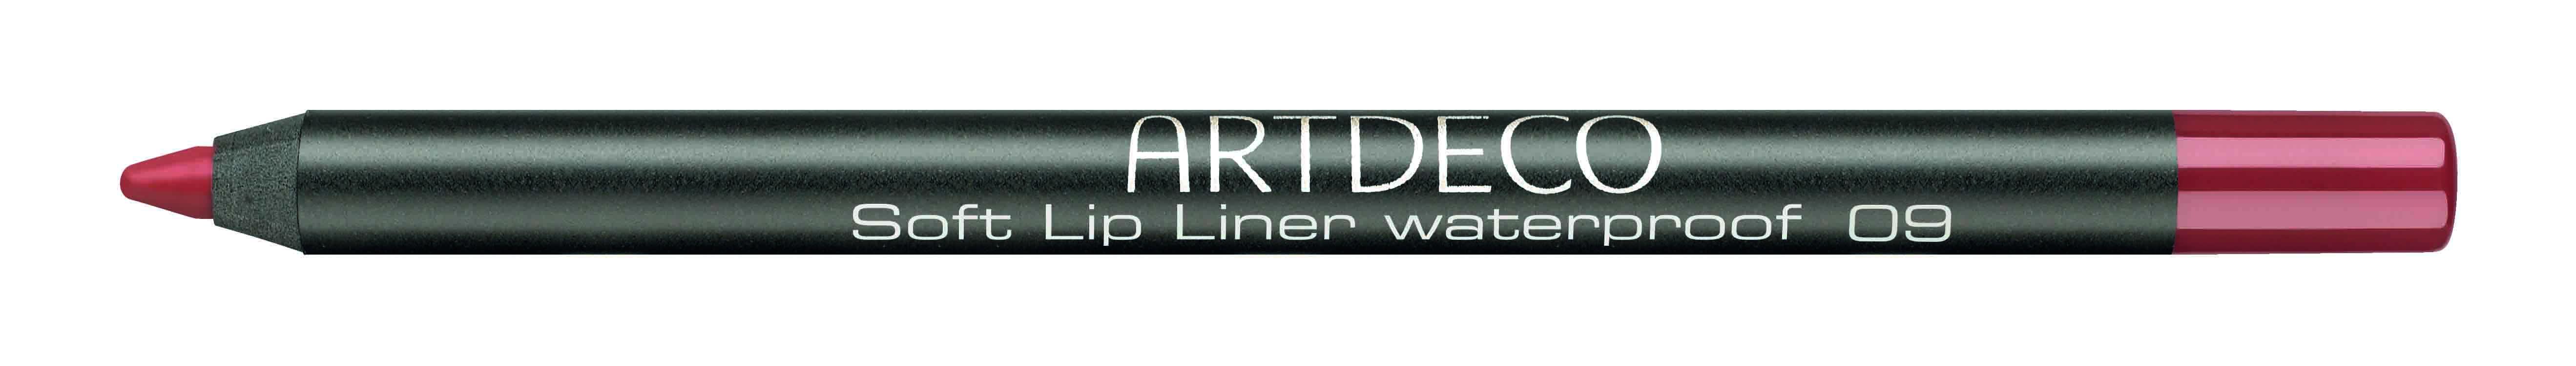 Artdeco карандаш для губ водостойкий 09 1,2гУТ000001887_TitaniaКонтур со стойкой текстурой и насыщенным цветом не позволяет растекаться помаде или блеску, помогает сделать чувственный макияж губ.